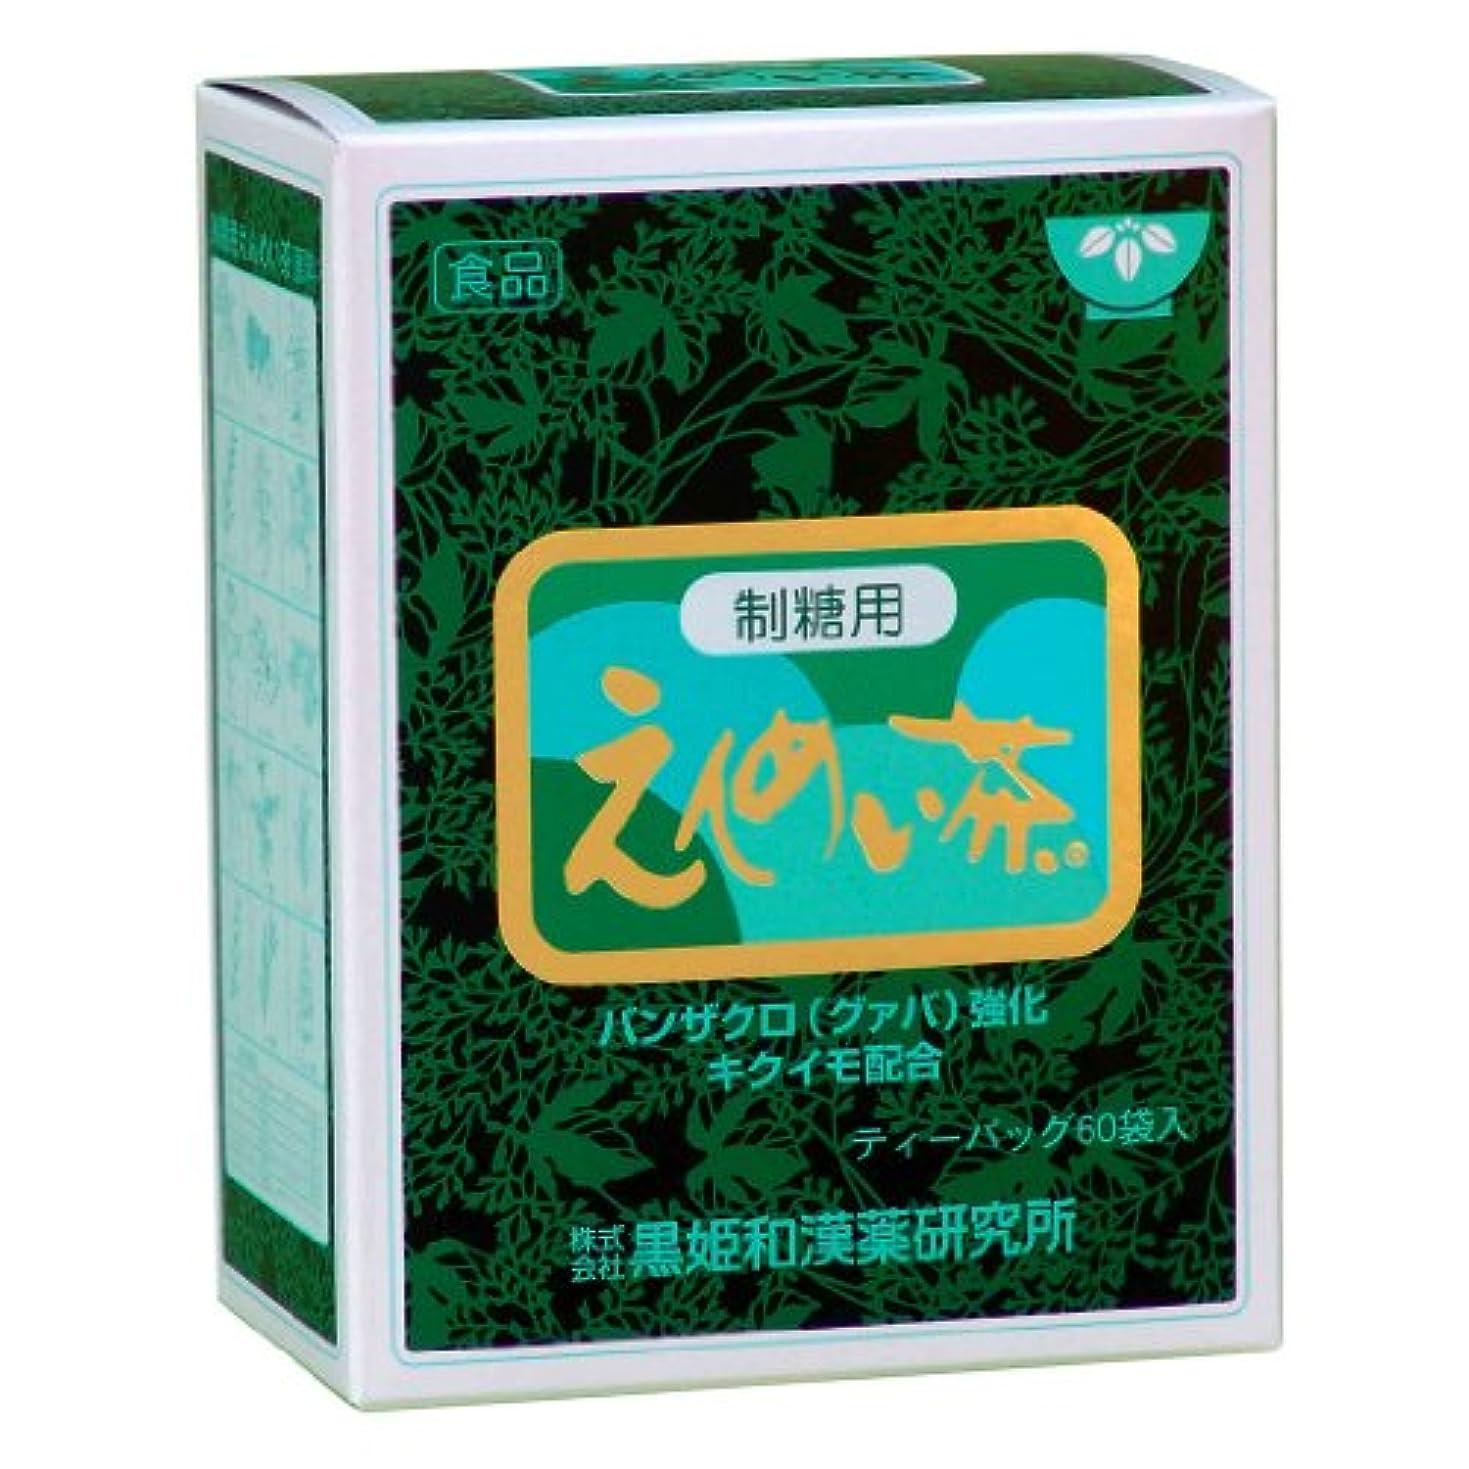 ユニマットリケン 黒姫えんめい茶制糖用 5gx60包